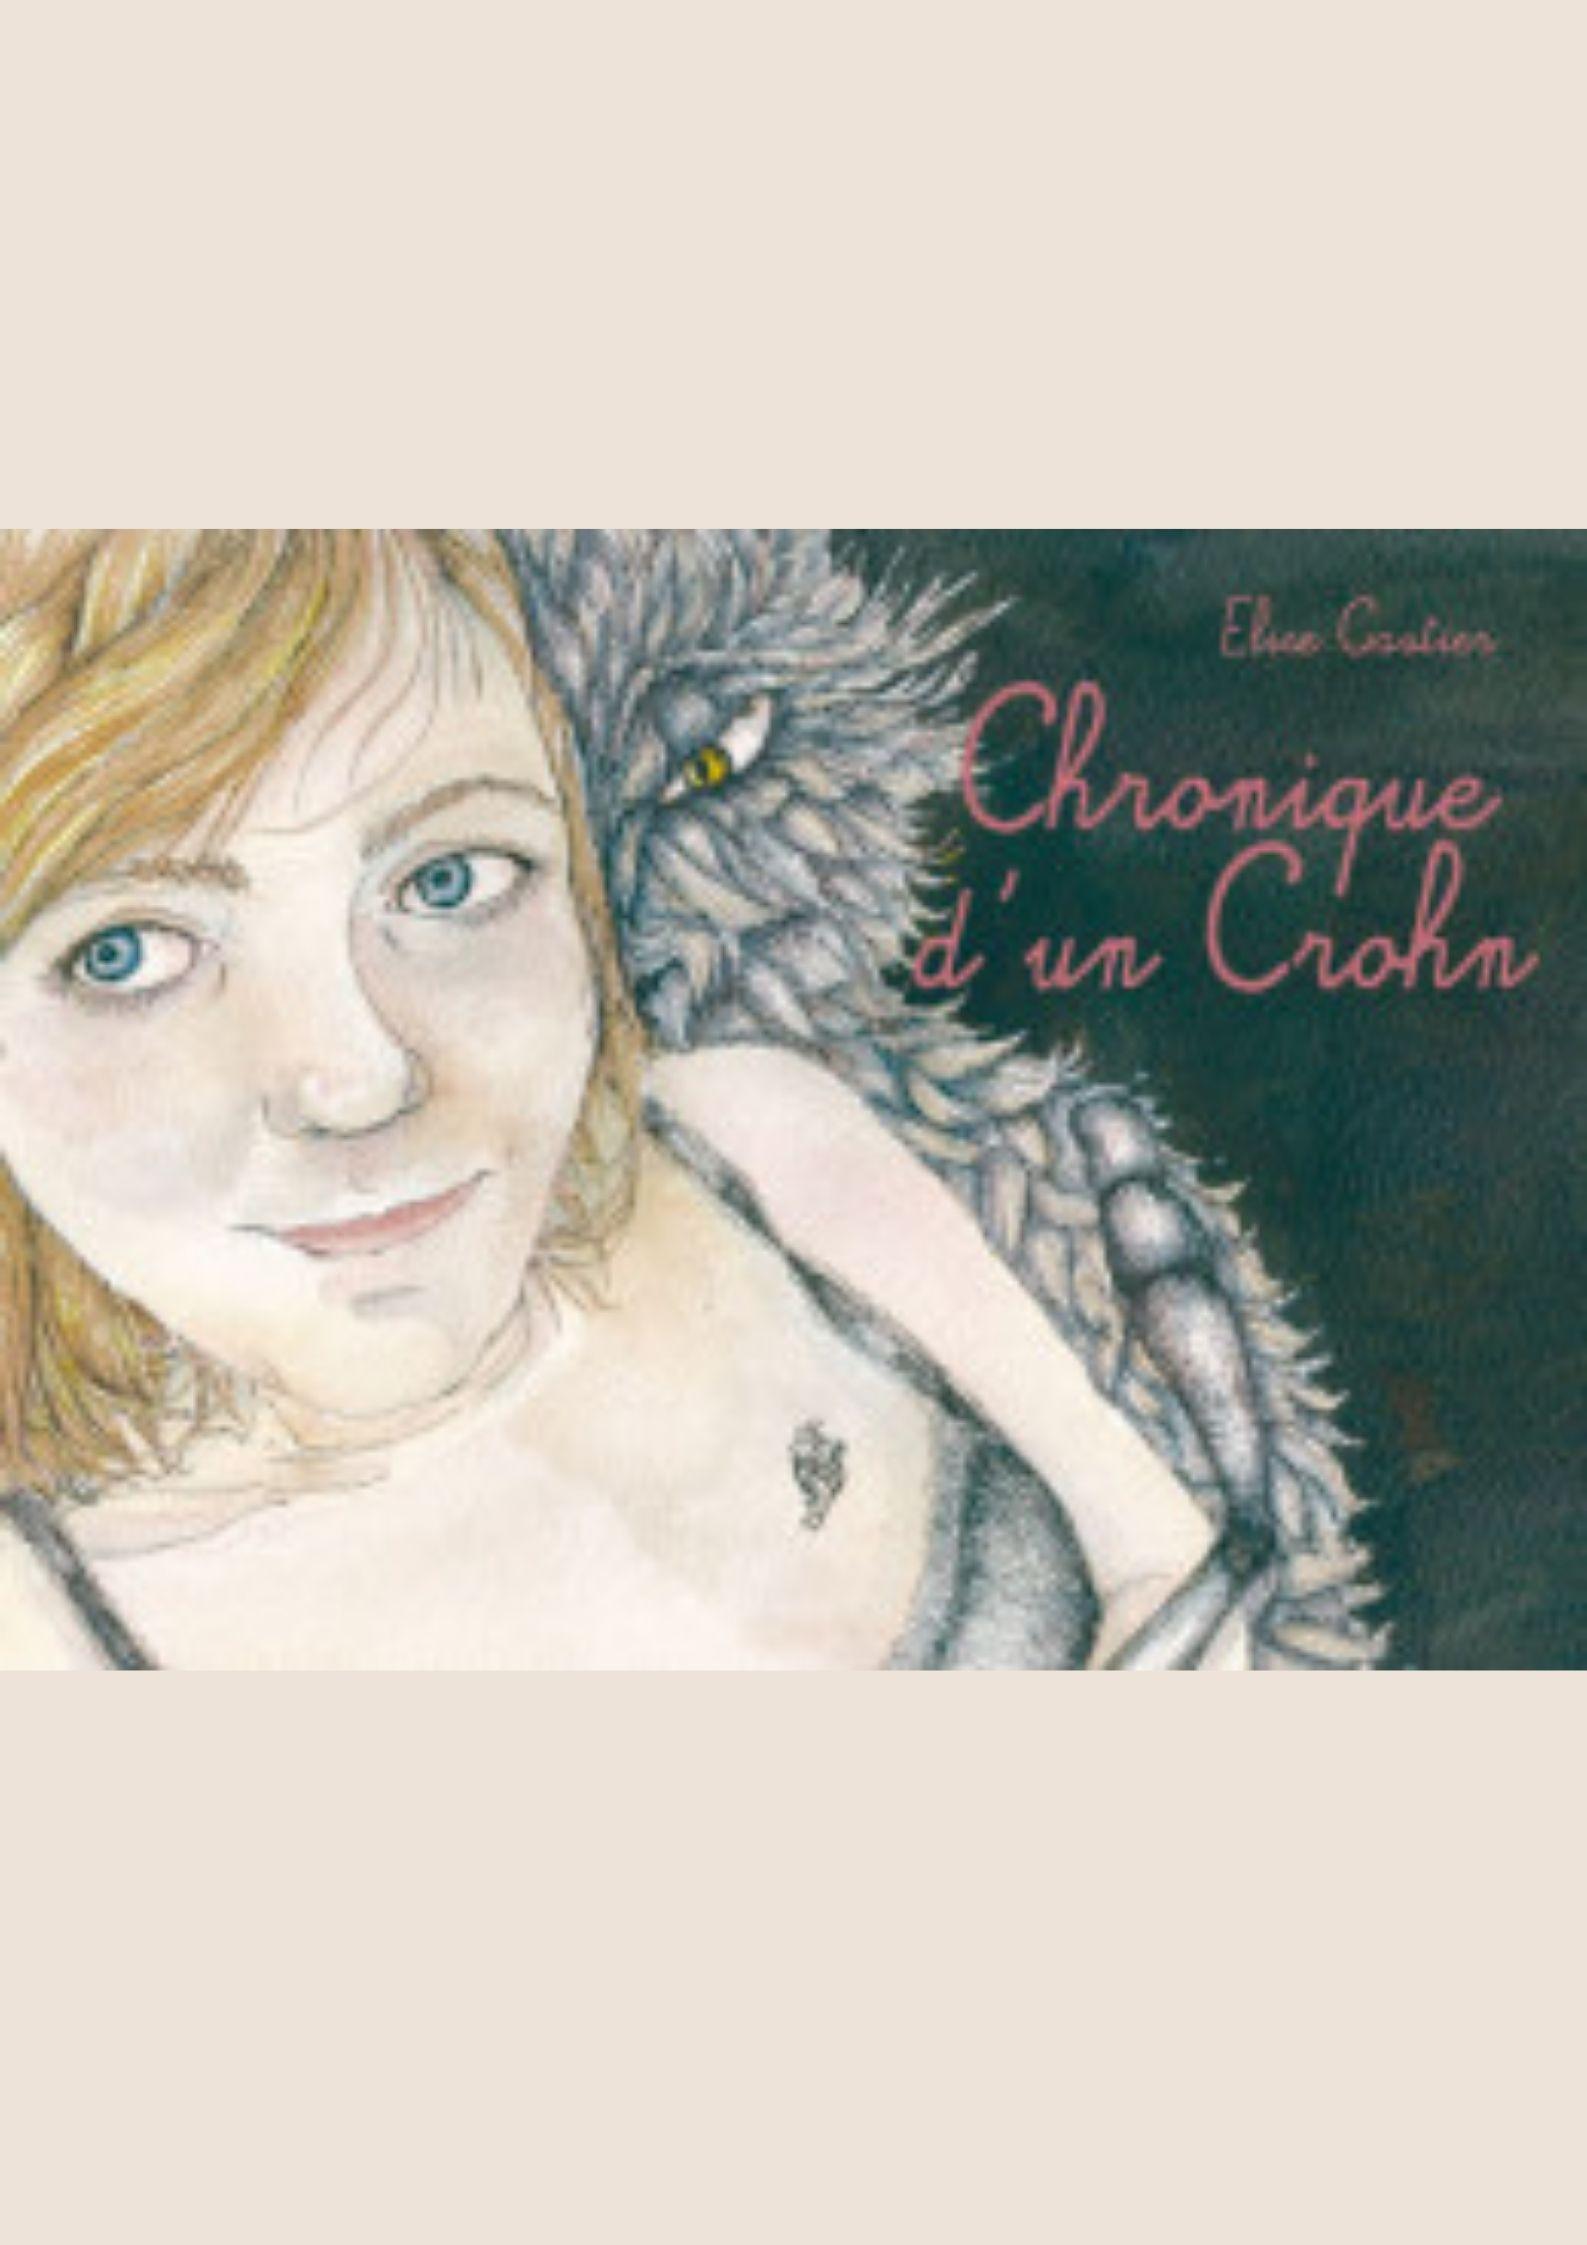 Chronique d'un Crohn Elise Gautier